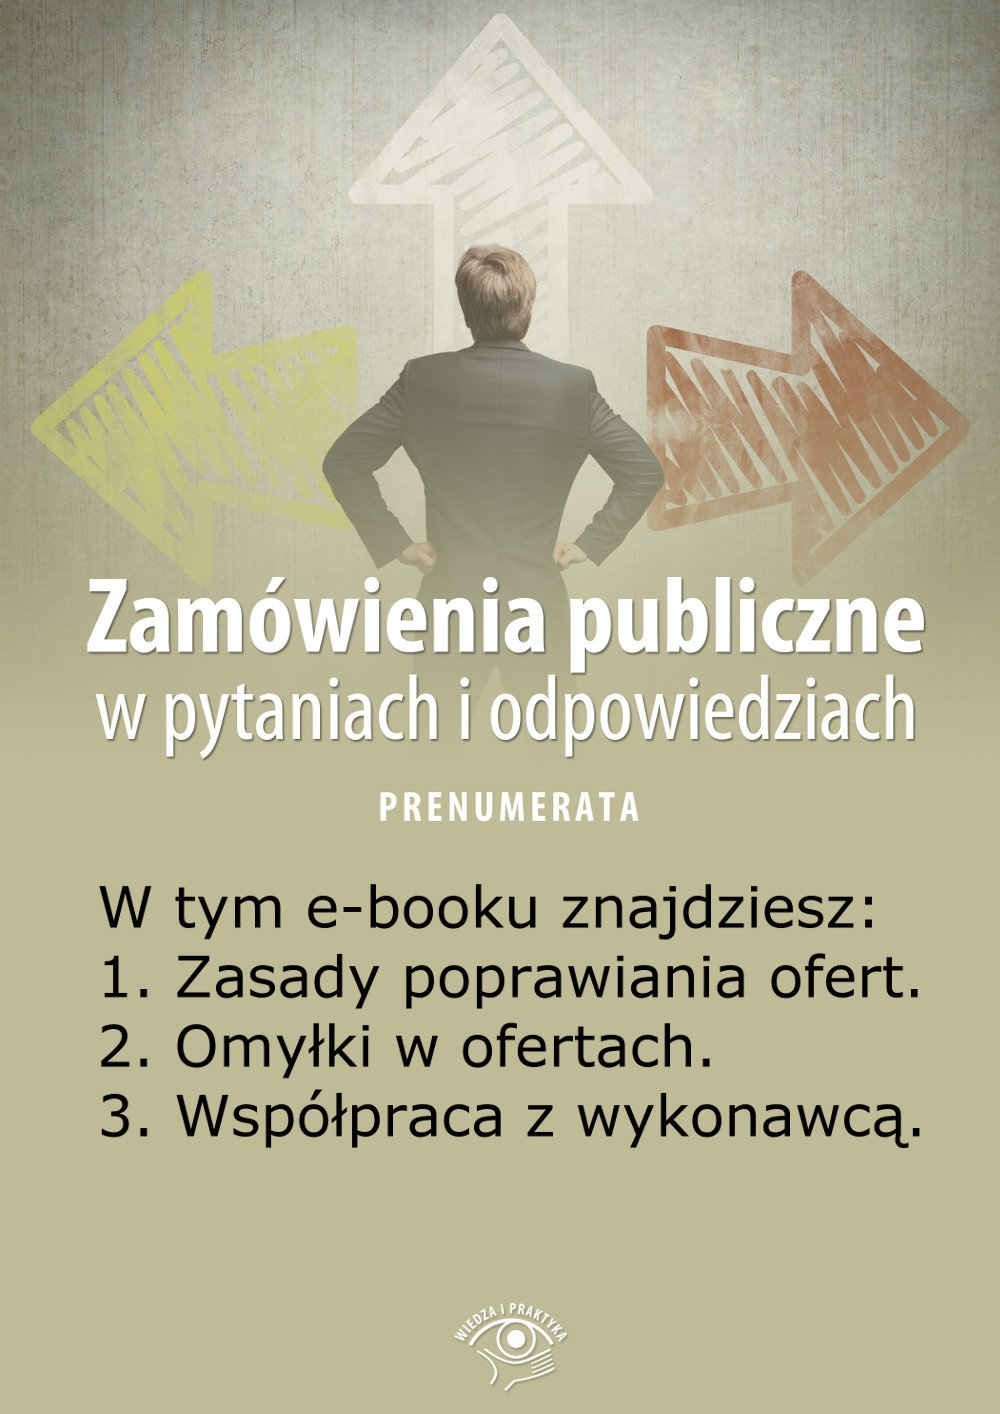 Zamówienia publiczne w pytaniach i odpowiedziach. Wydanie lipiec 2014 r. - Ebook (Książka EPUB) do pobrania w formacie EPUB